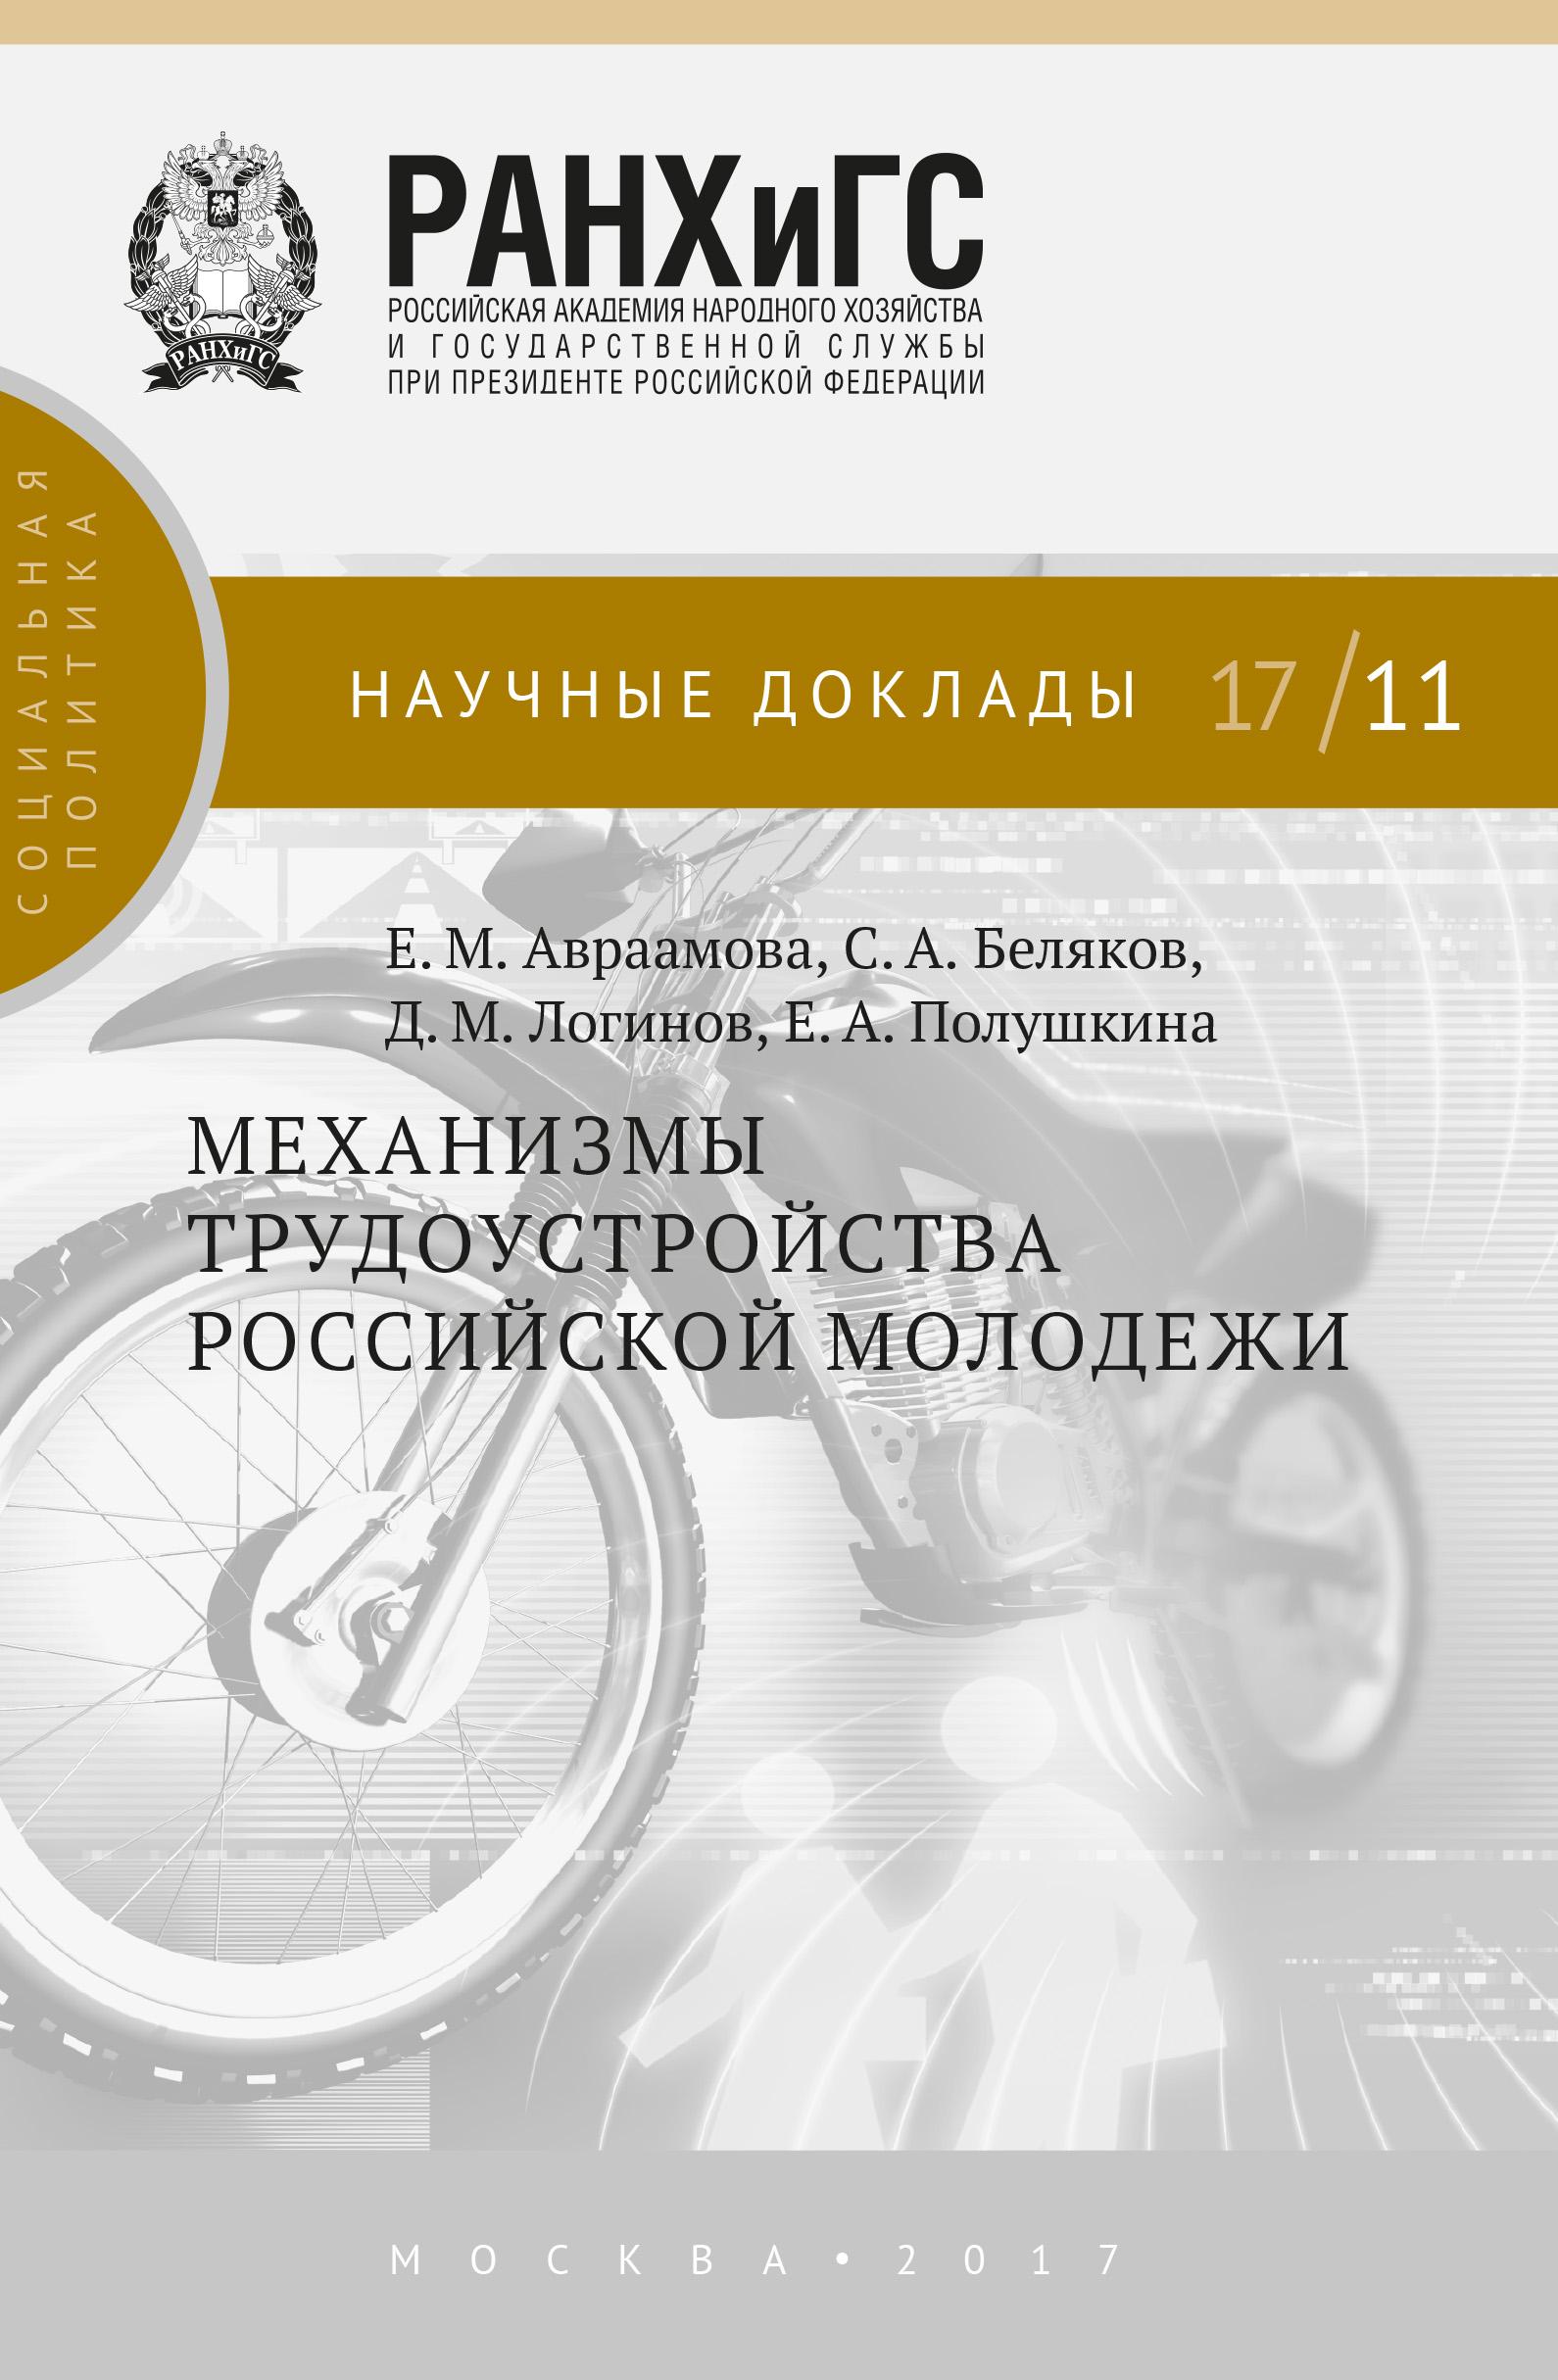 Механизмы трудоустройства российской молодежи_Е. А. Полушкина